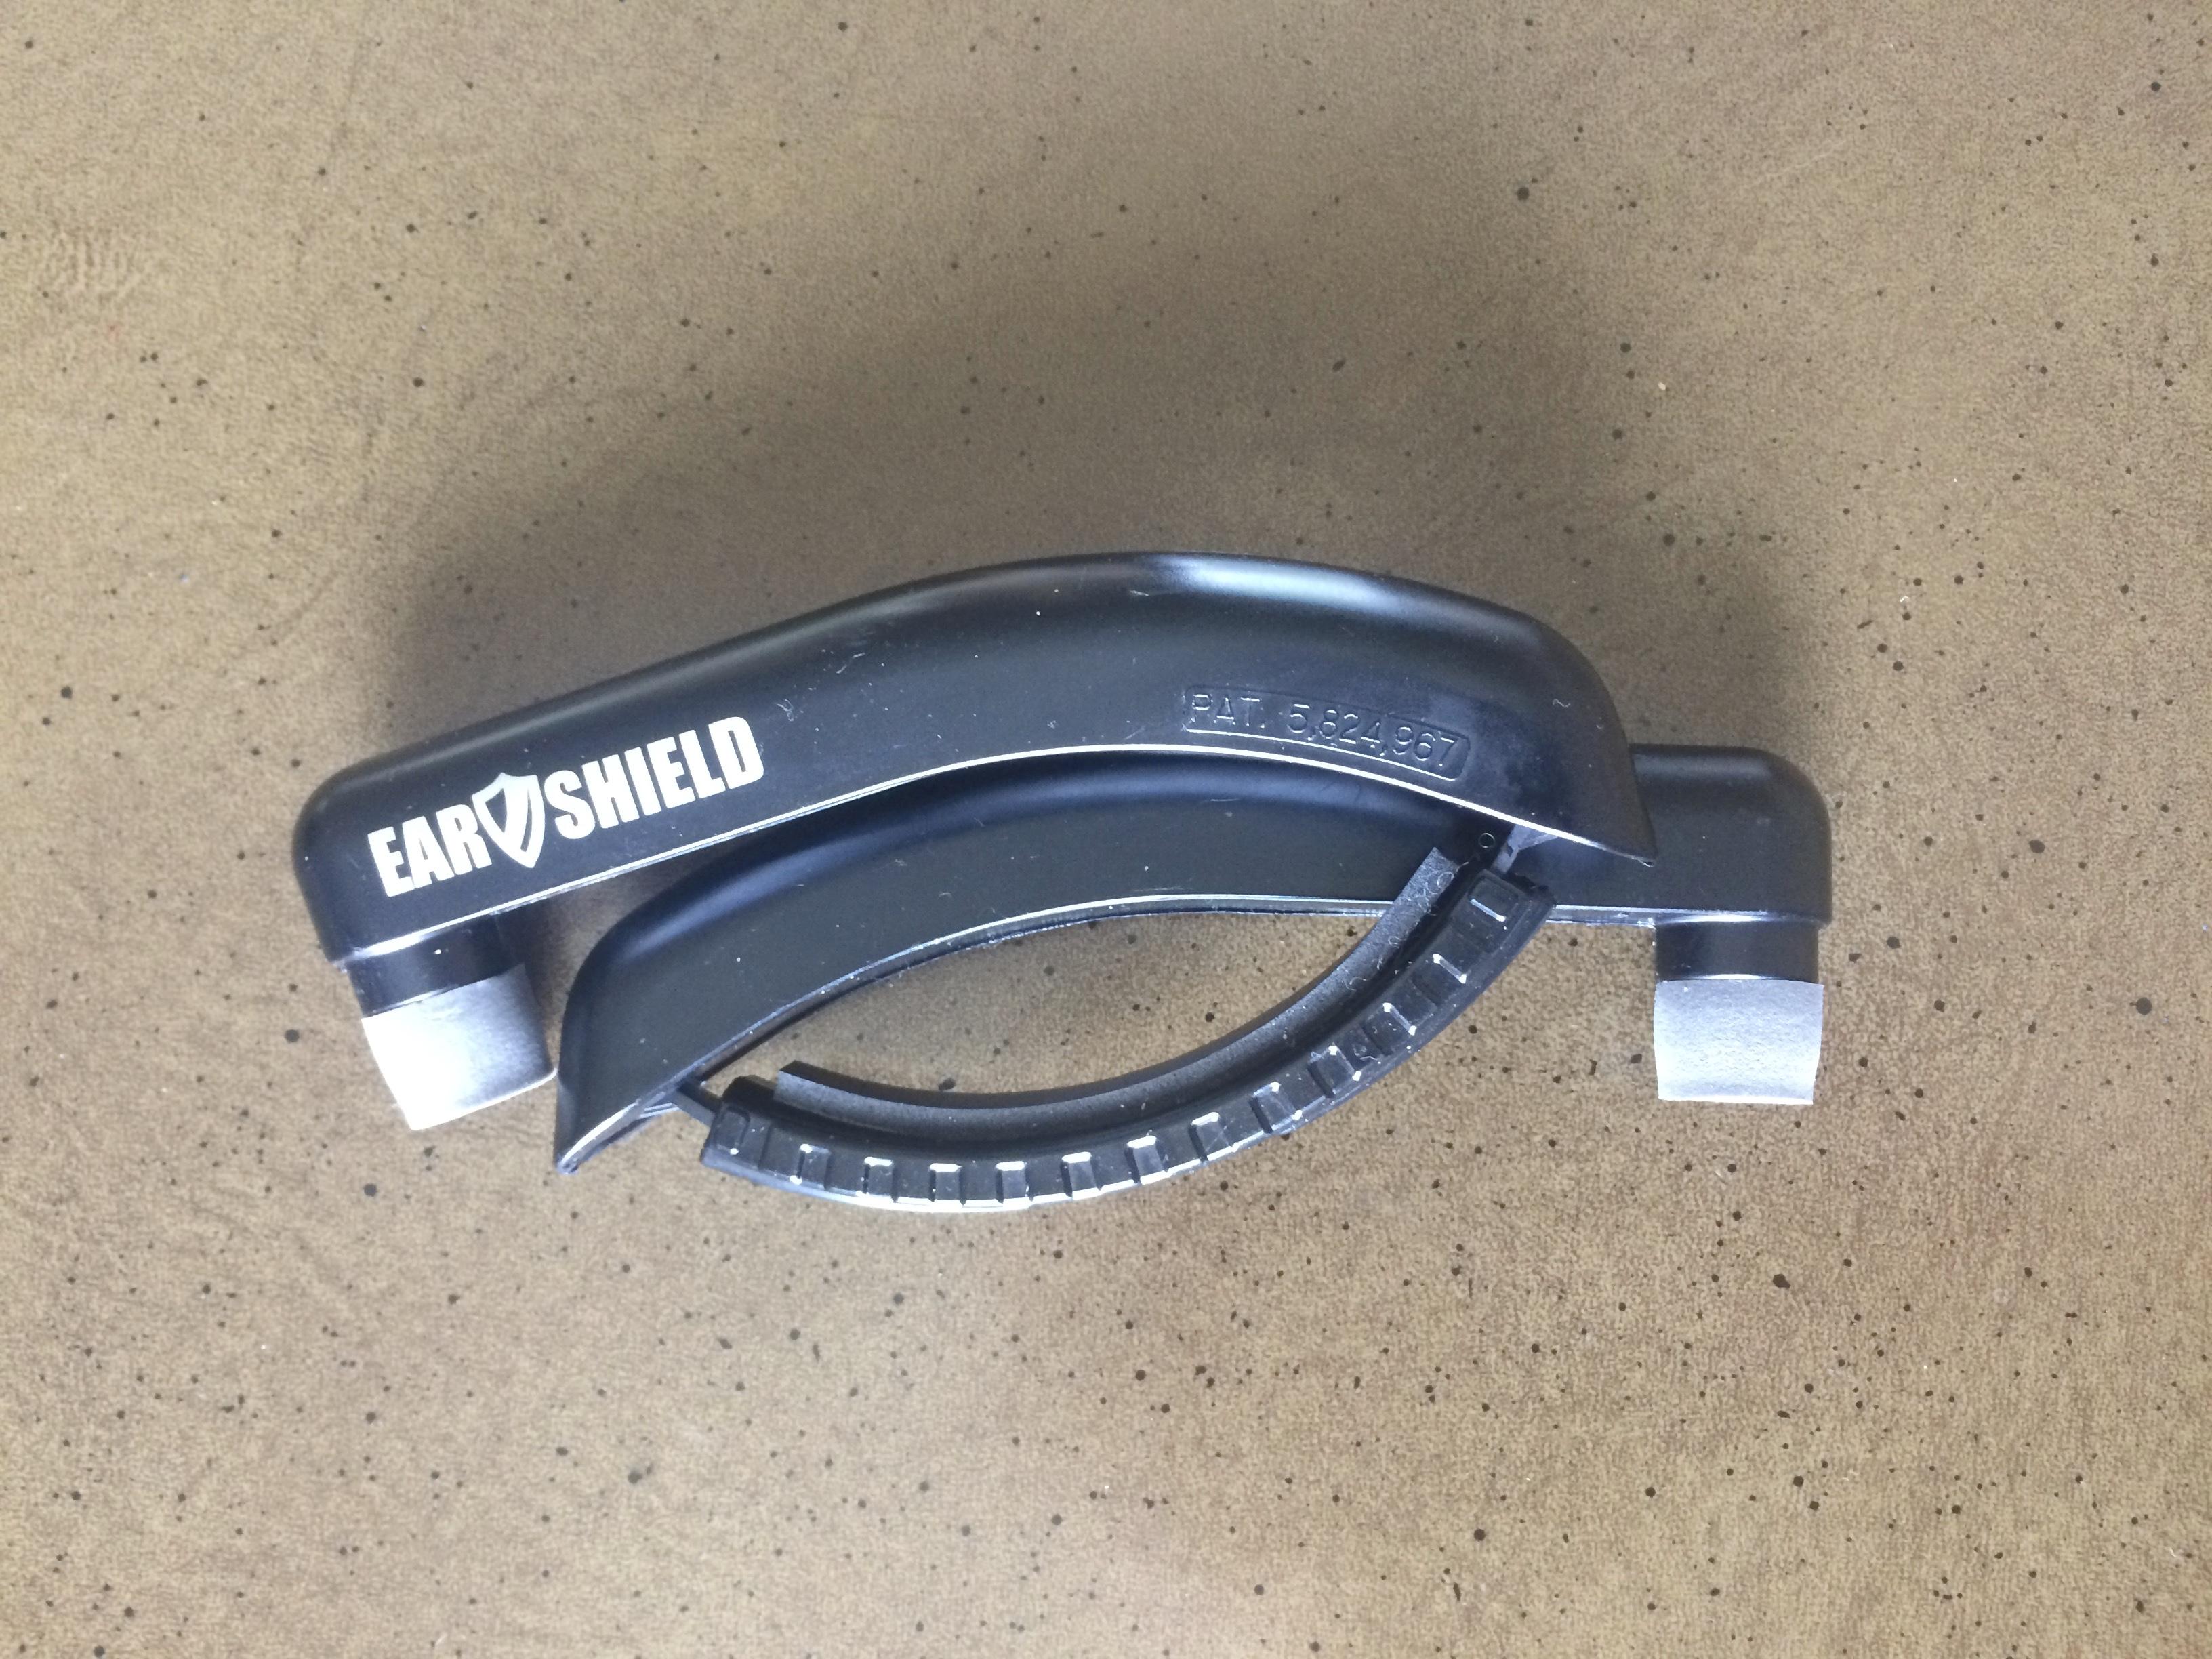 Electronic Hearing Protection-fullsizeoutput_19a.jpeg